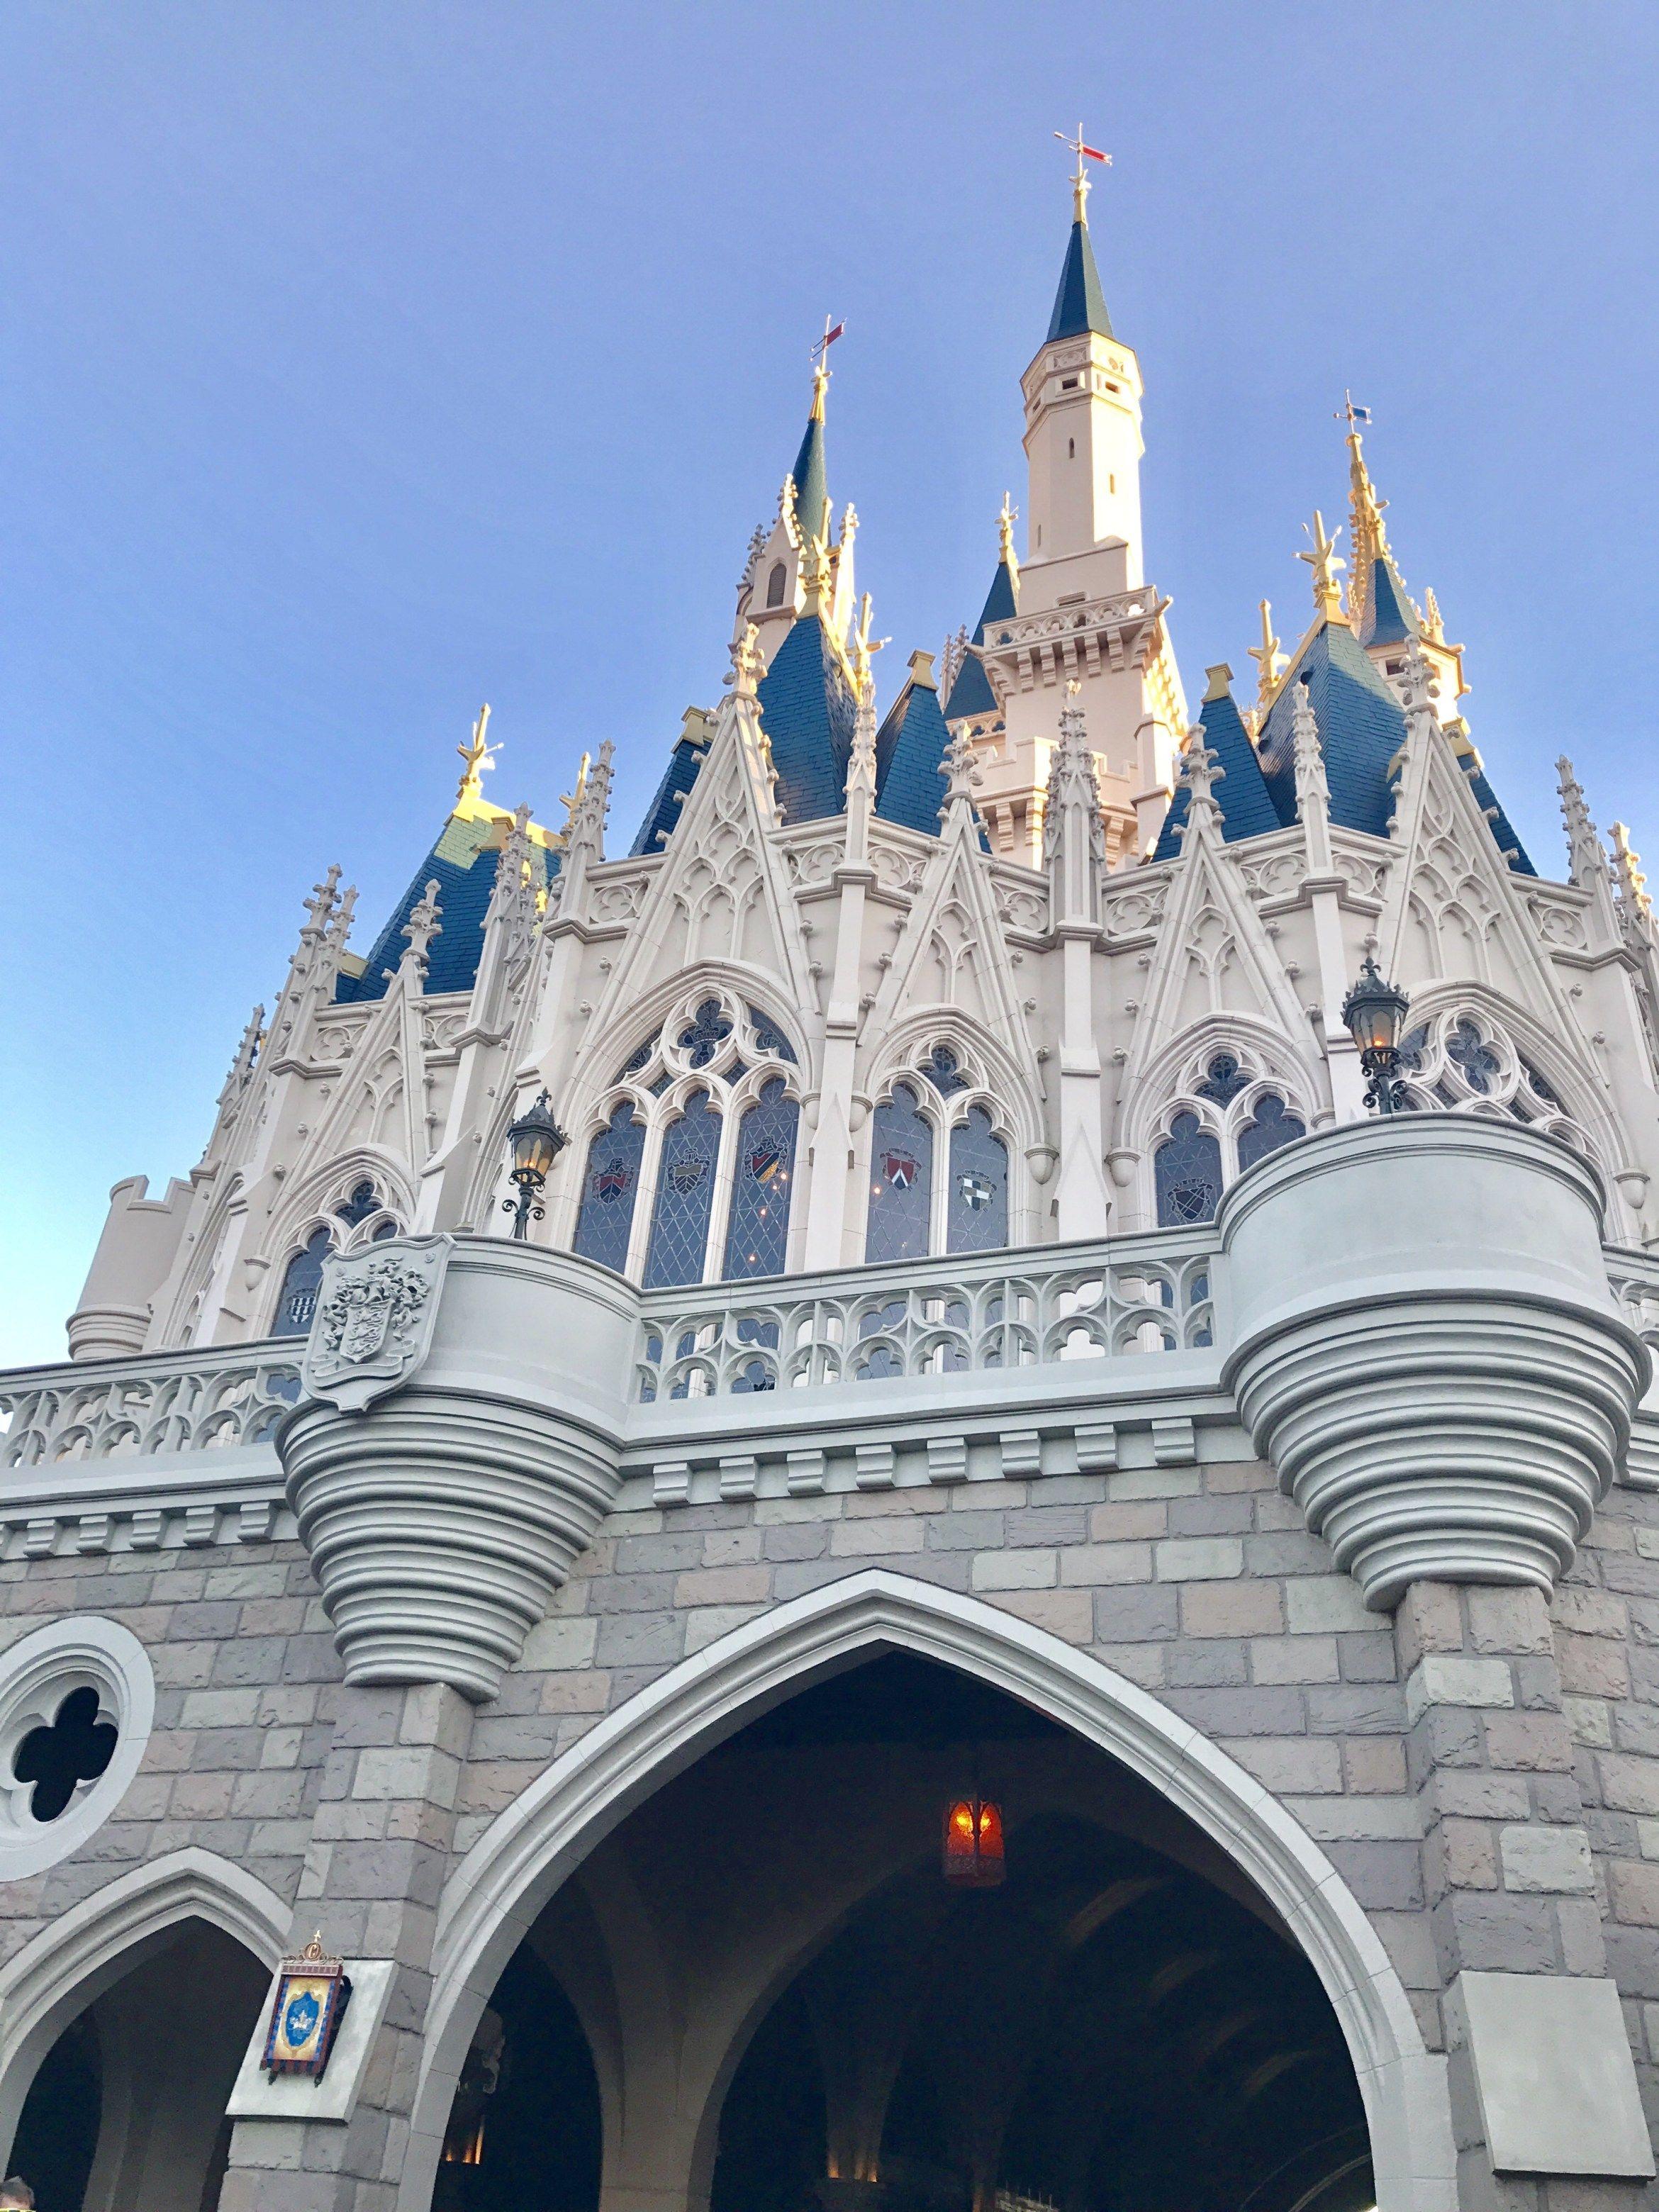 The Ultimate Magic Kingdom Bucket List